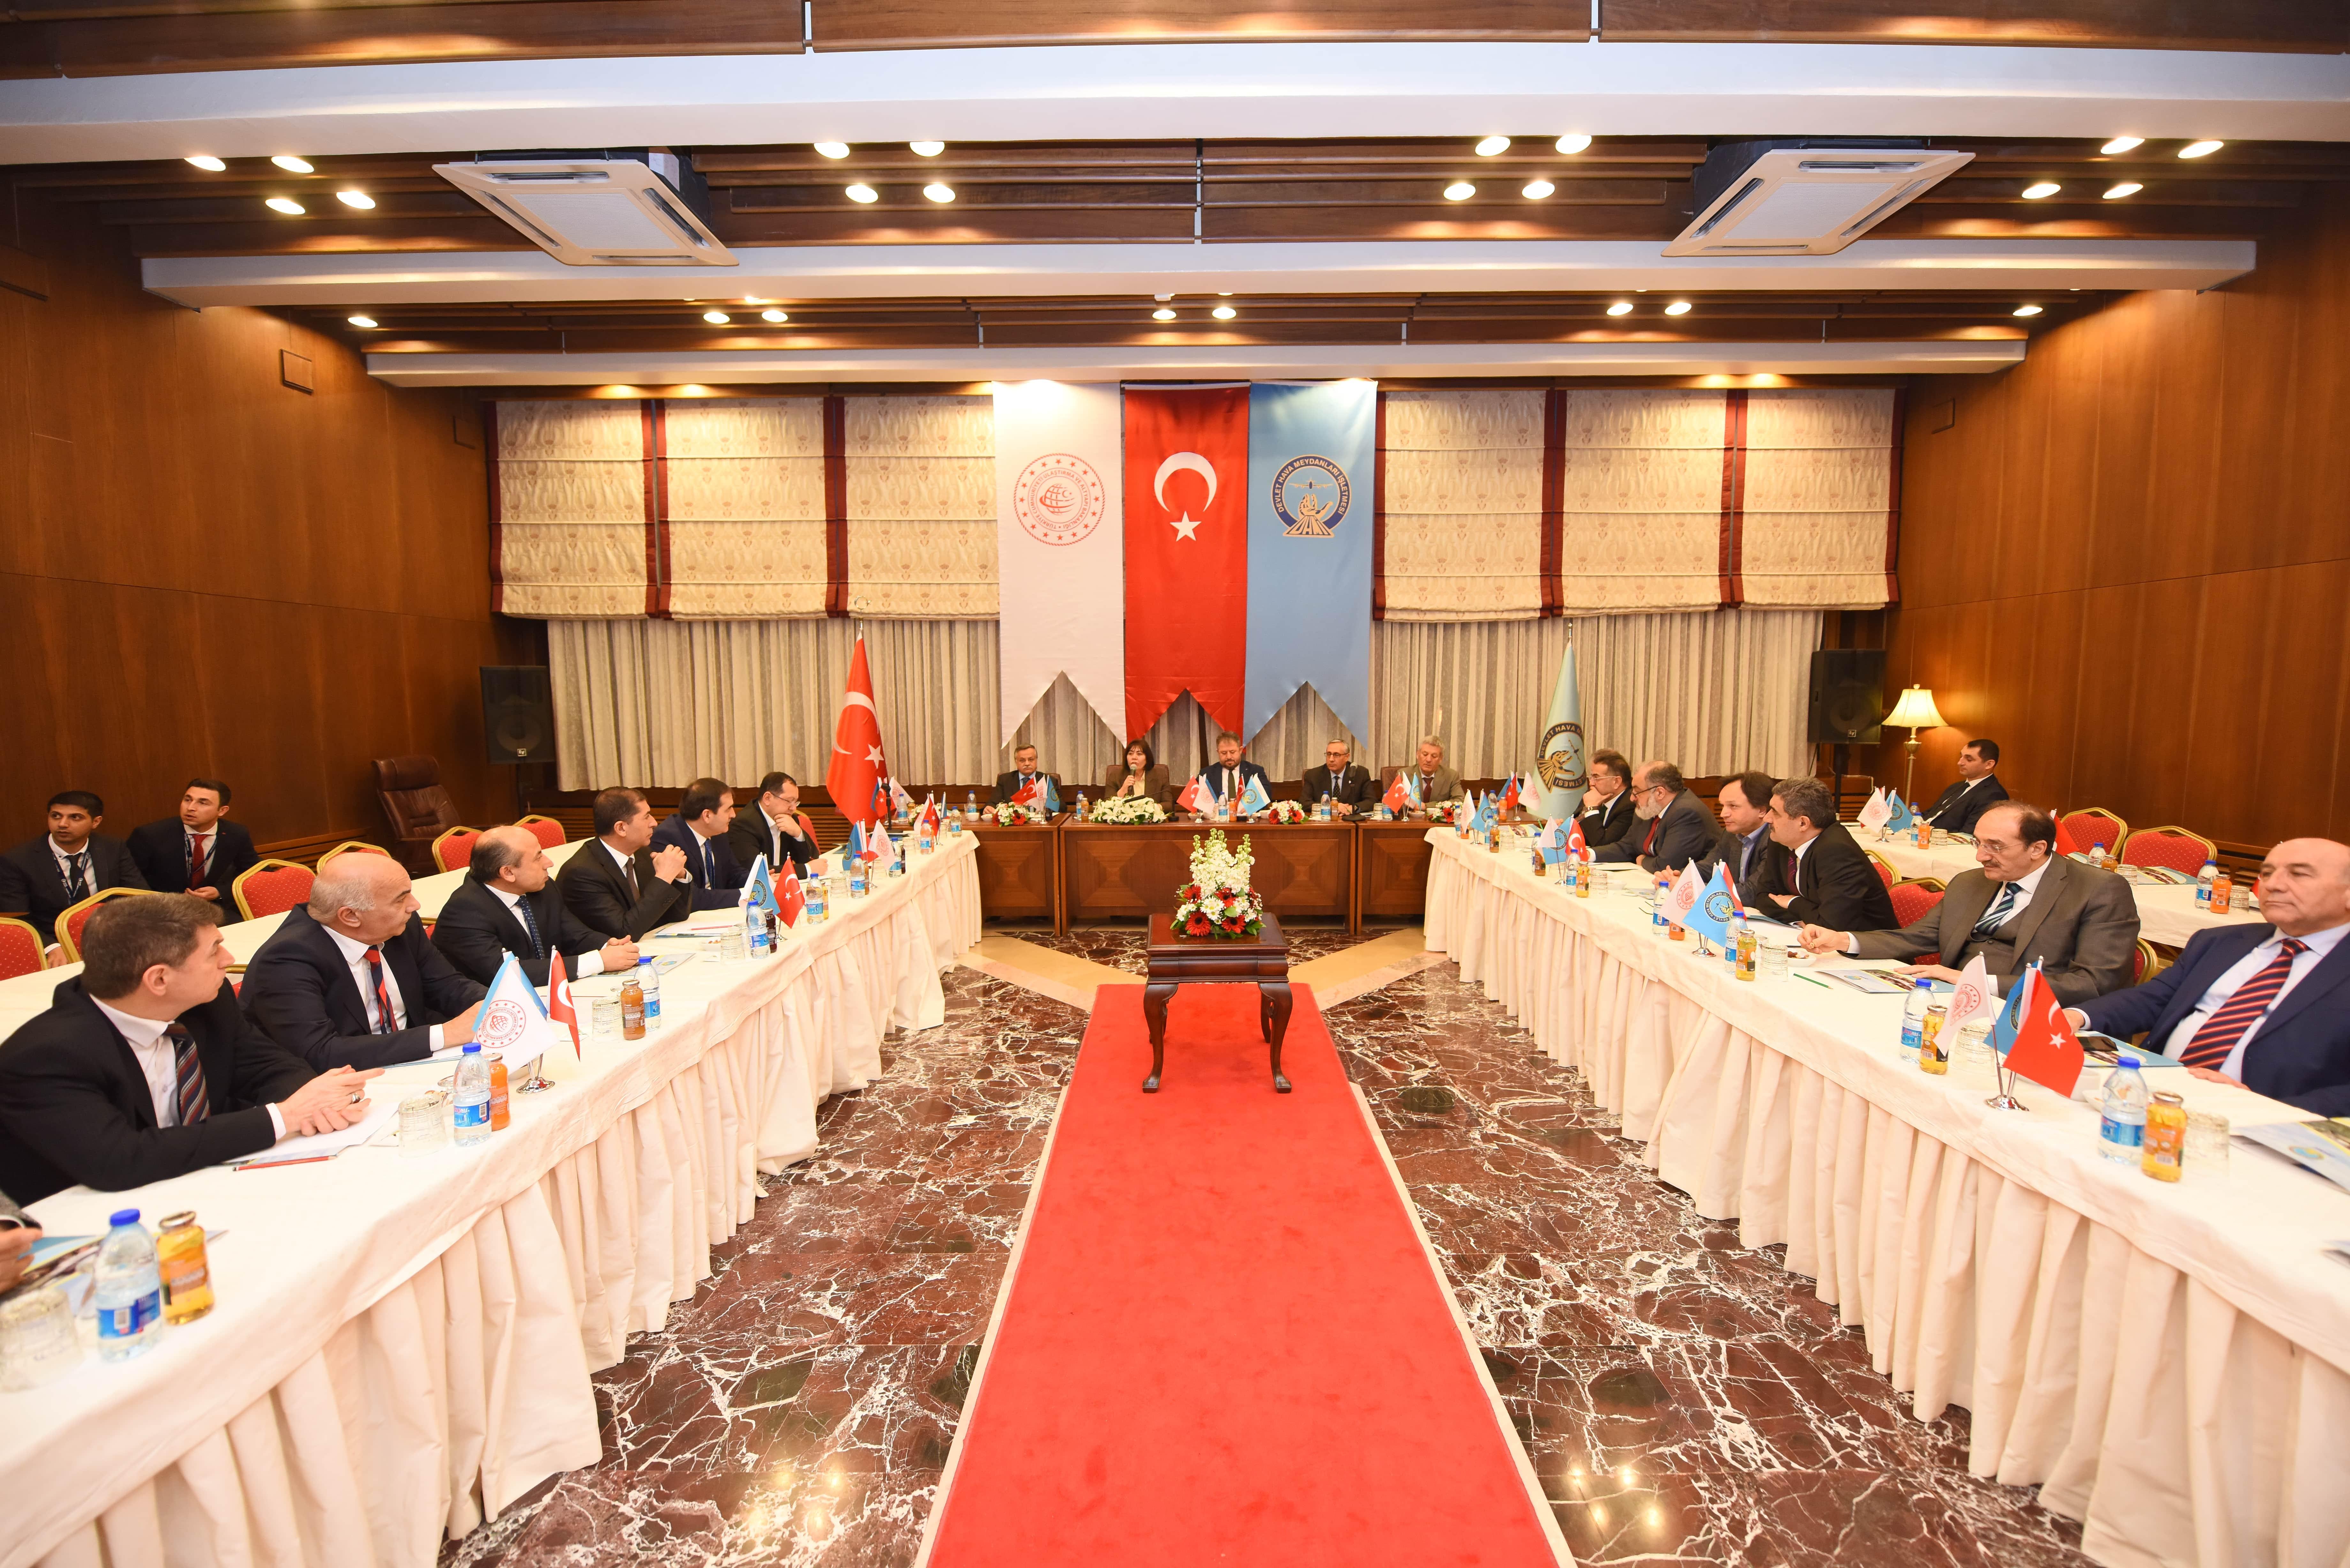 Kurumlararası Diyaloğu Geliştirme Toplantısı – DHMİ Genel Müdürlüğü